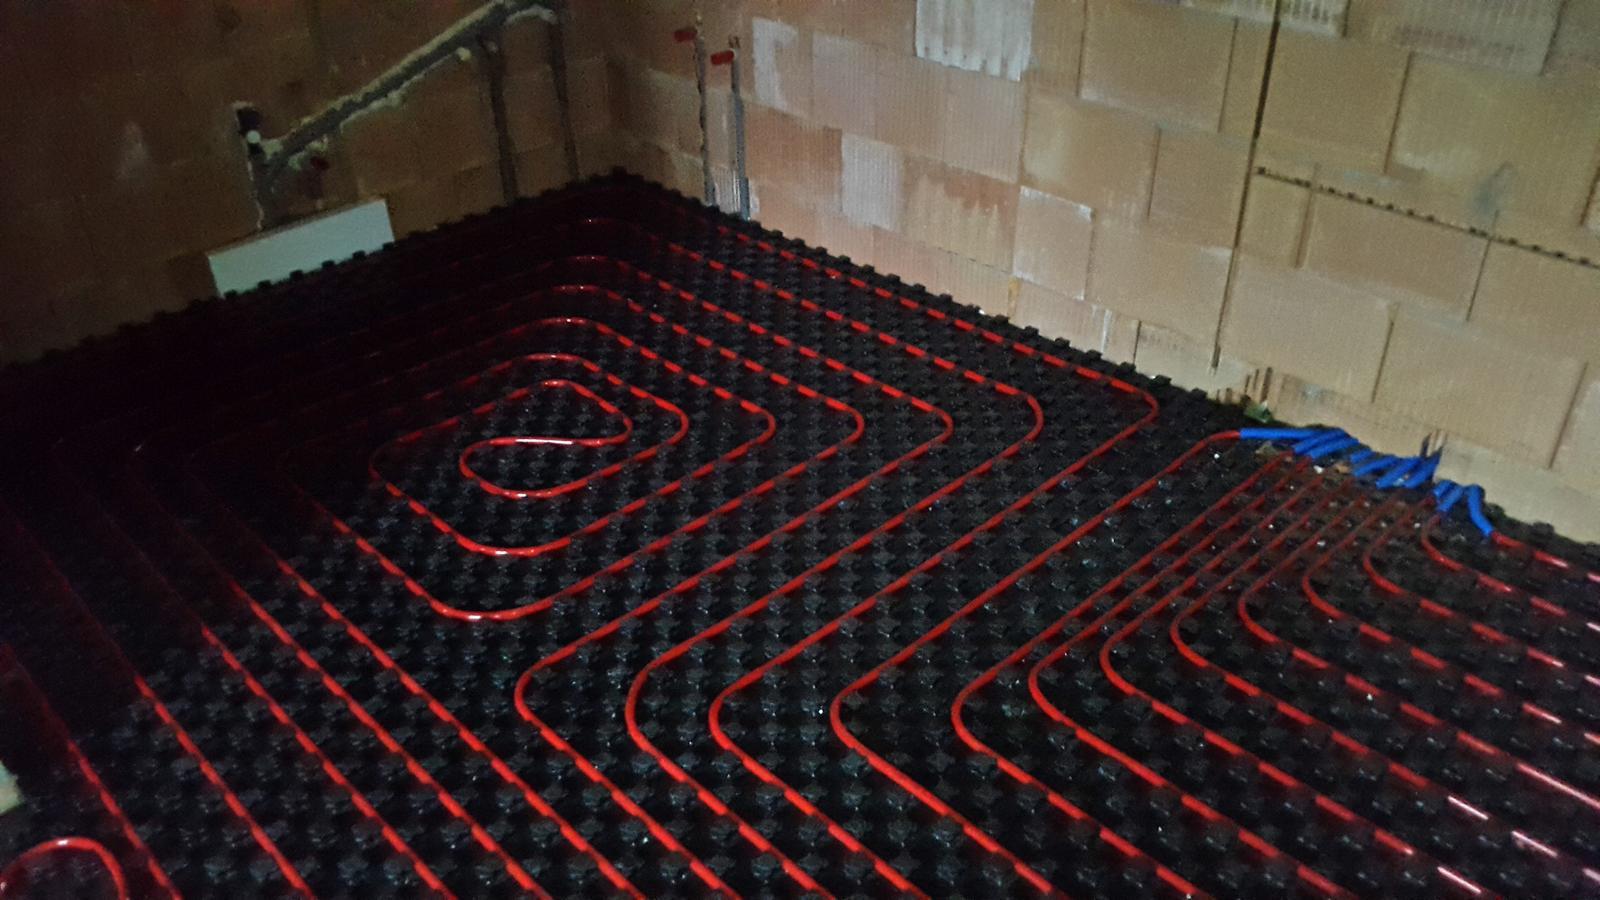 Náš APPA Pult podlahové kúrenie rúry kladenie - Obrázok č. 39